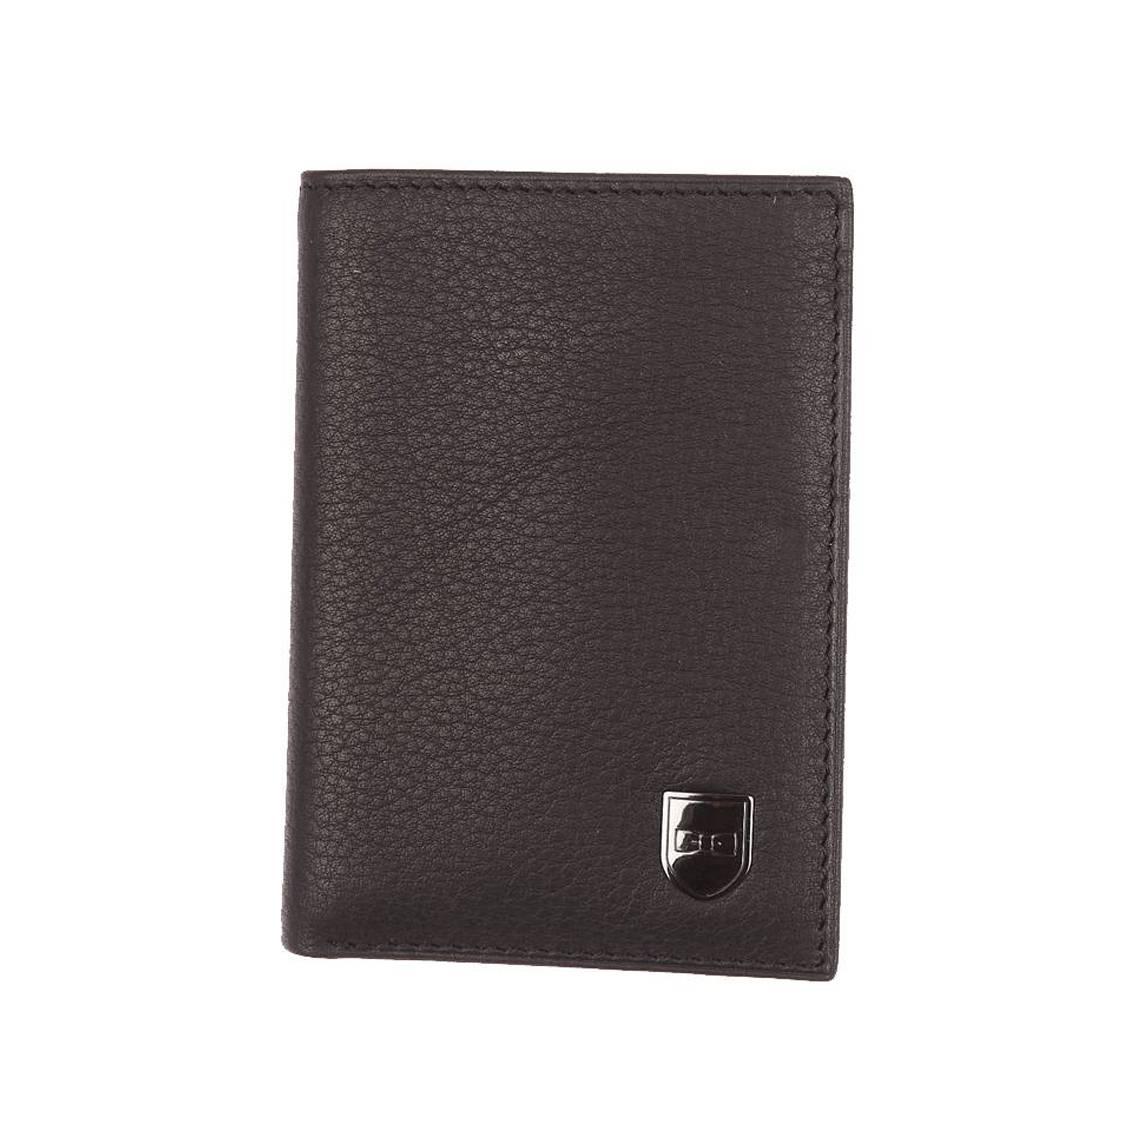 Porte-cartes  en cuir de vachette noir